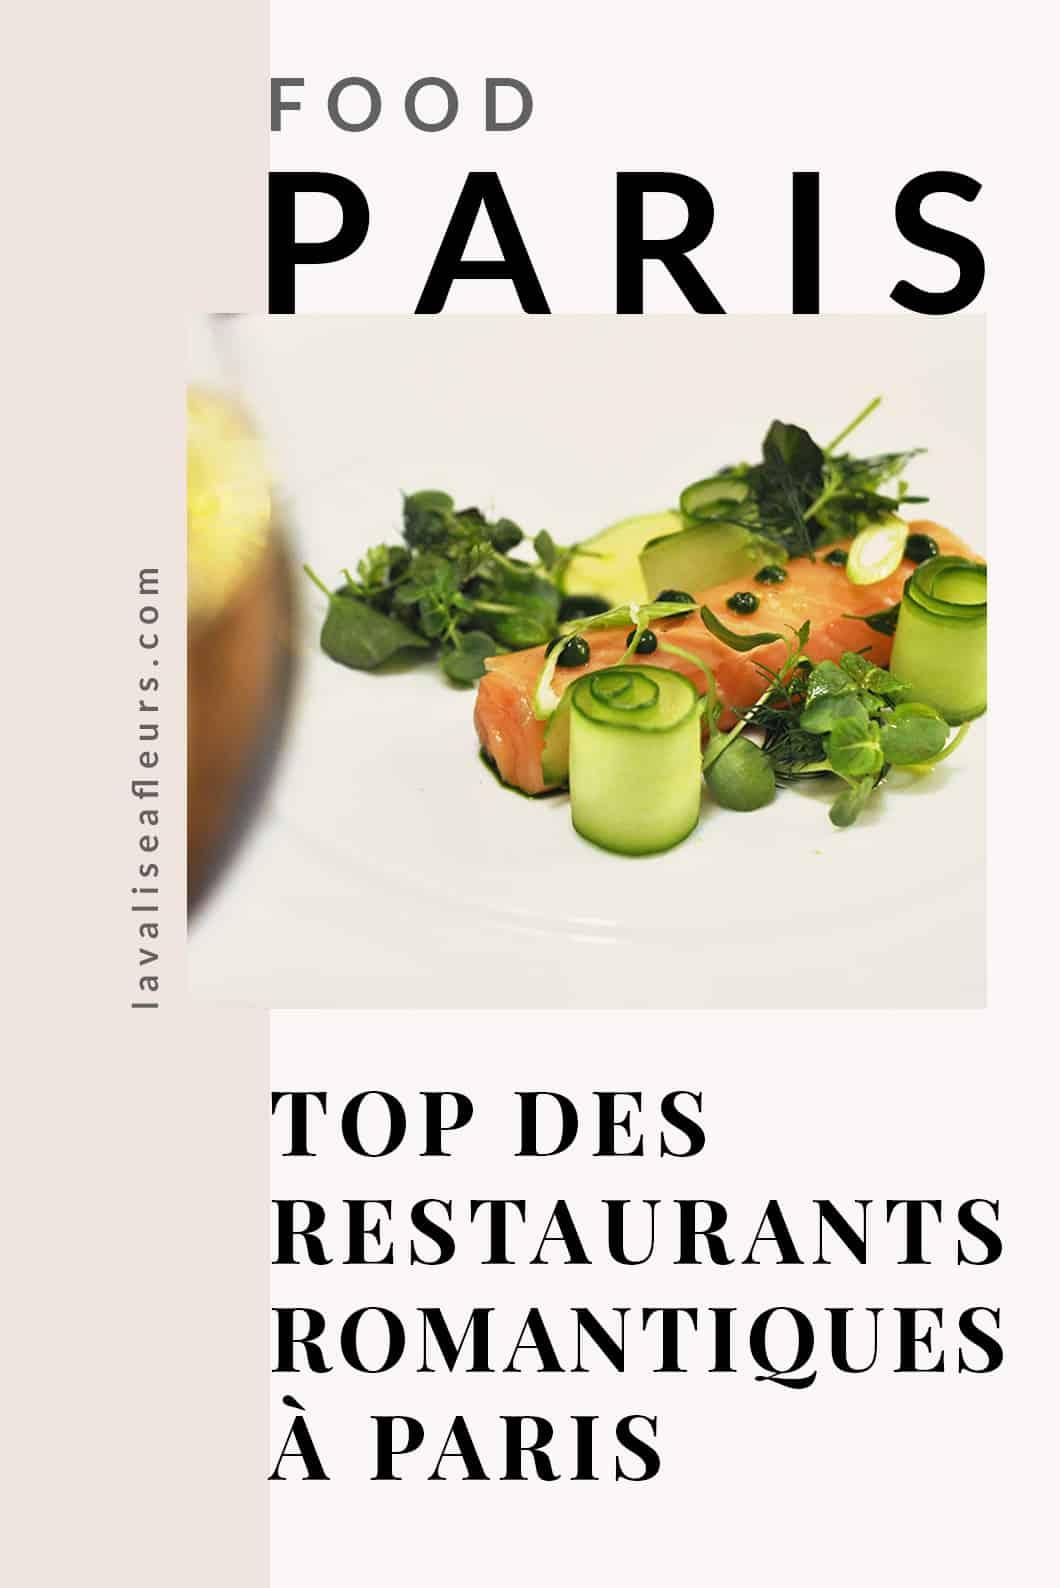 Top des restaurants romantiques à Paris